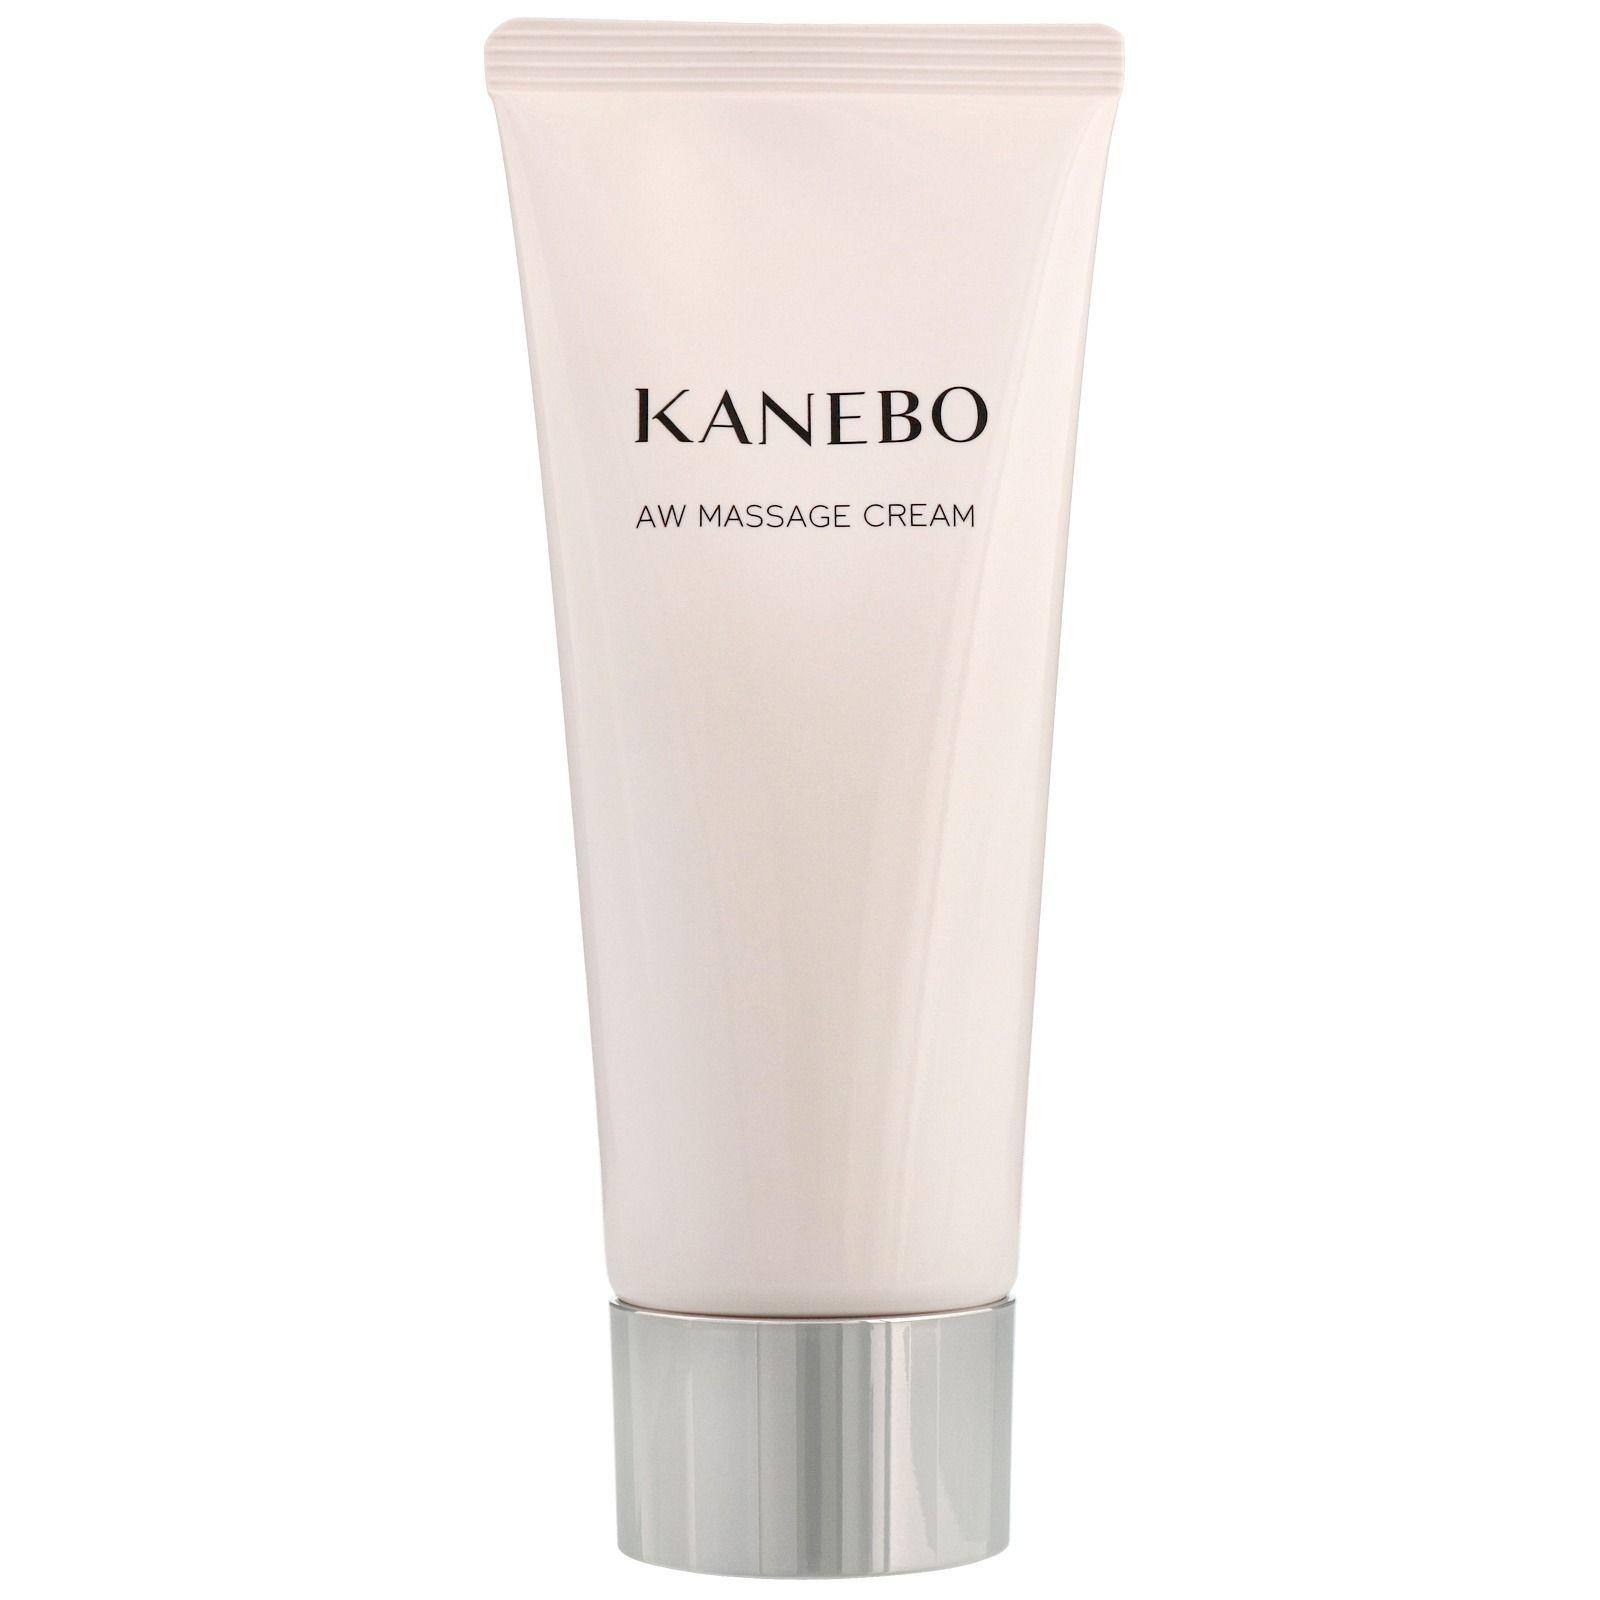 kanebo massage awww massaggio crema 100ml